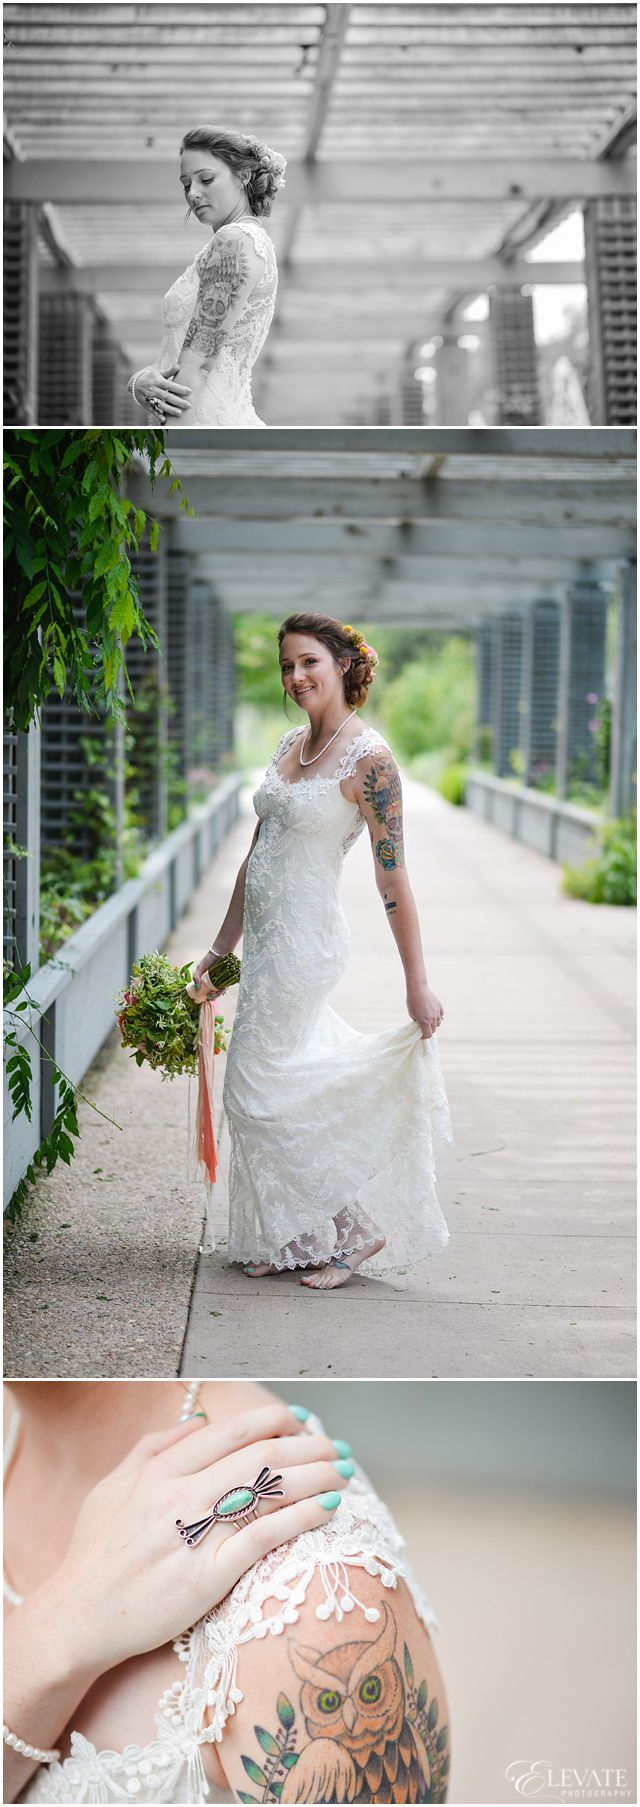 Bobbie-Jesse-Arvada-Colorado-Backyard-Wedding_0007